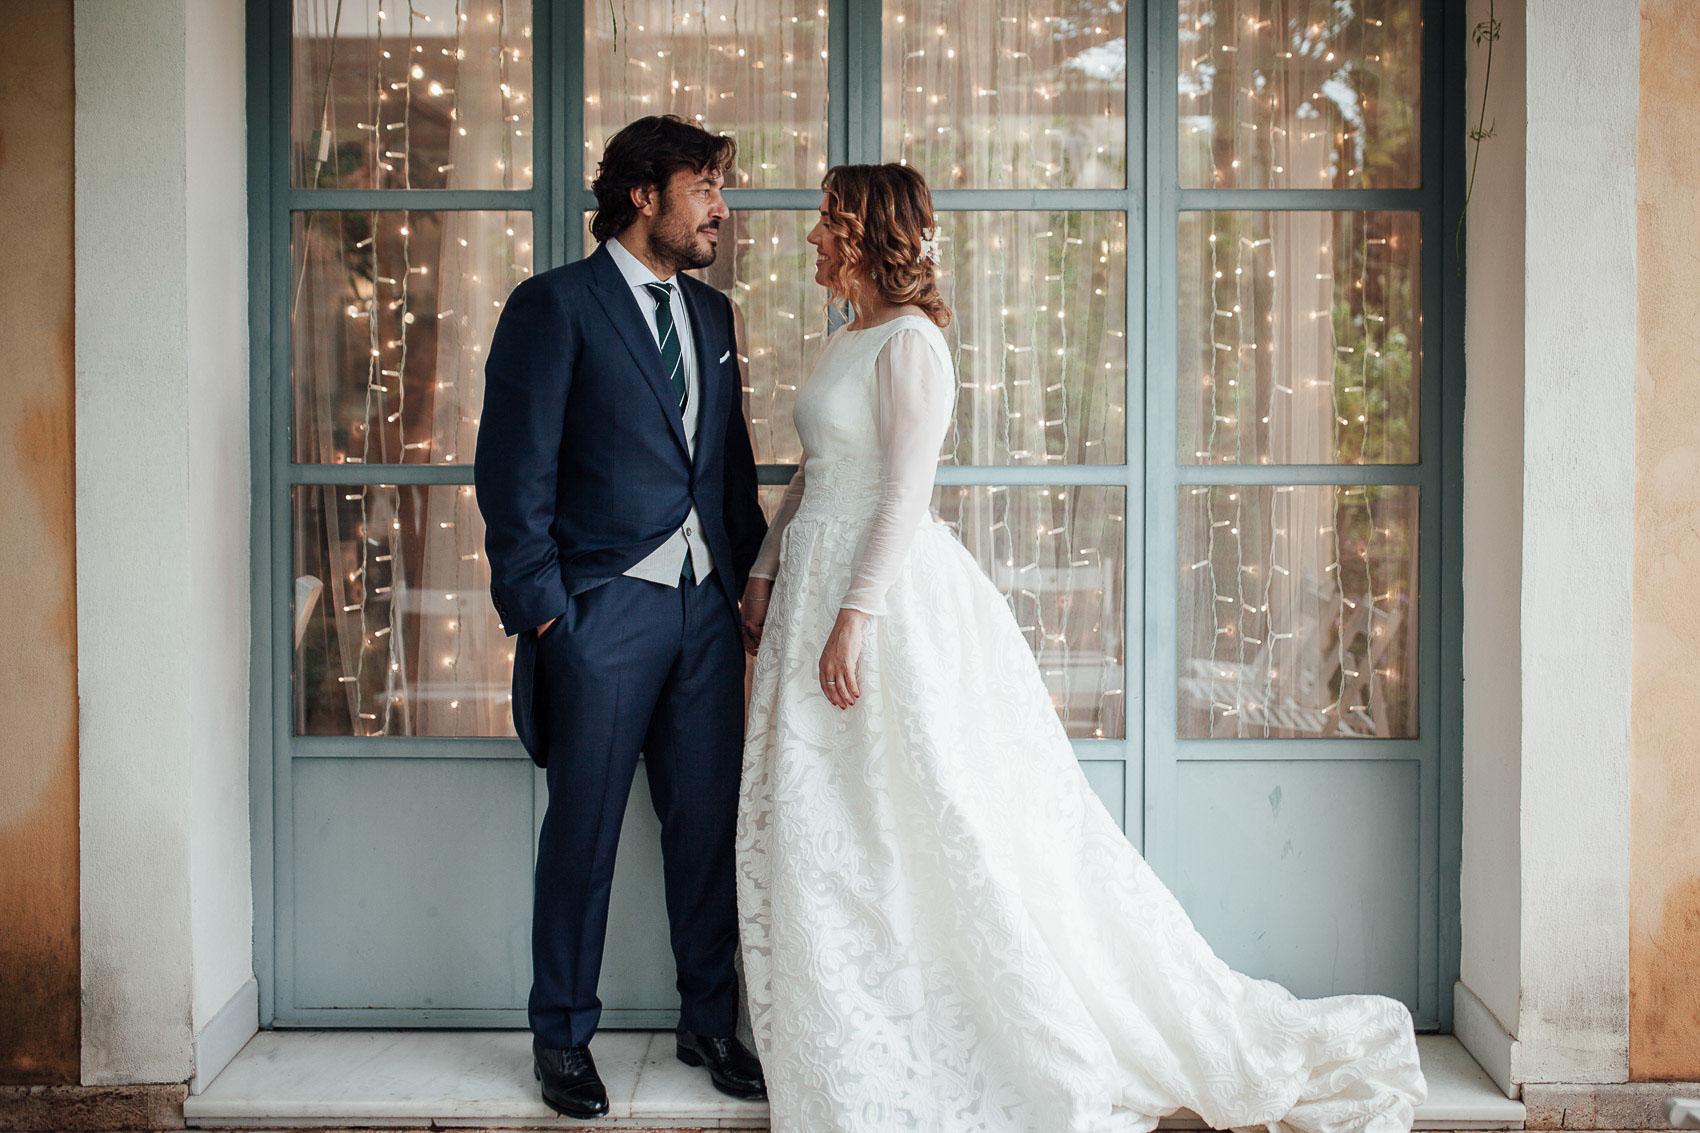 pareja novios mirada decoracion boda fotografia